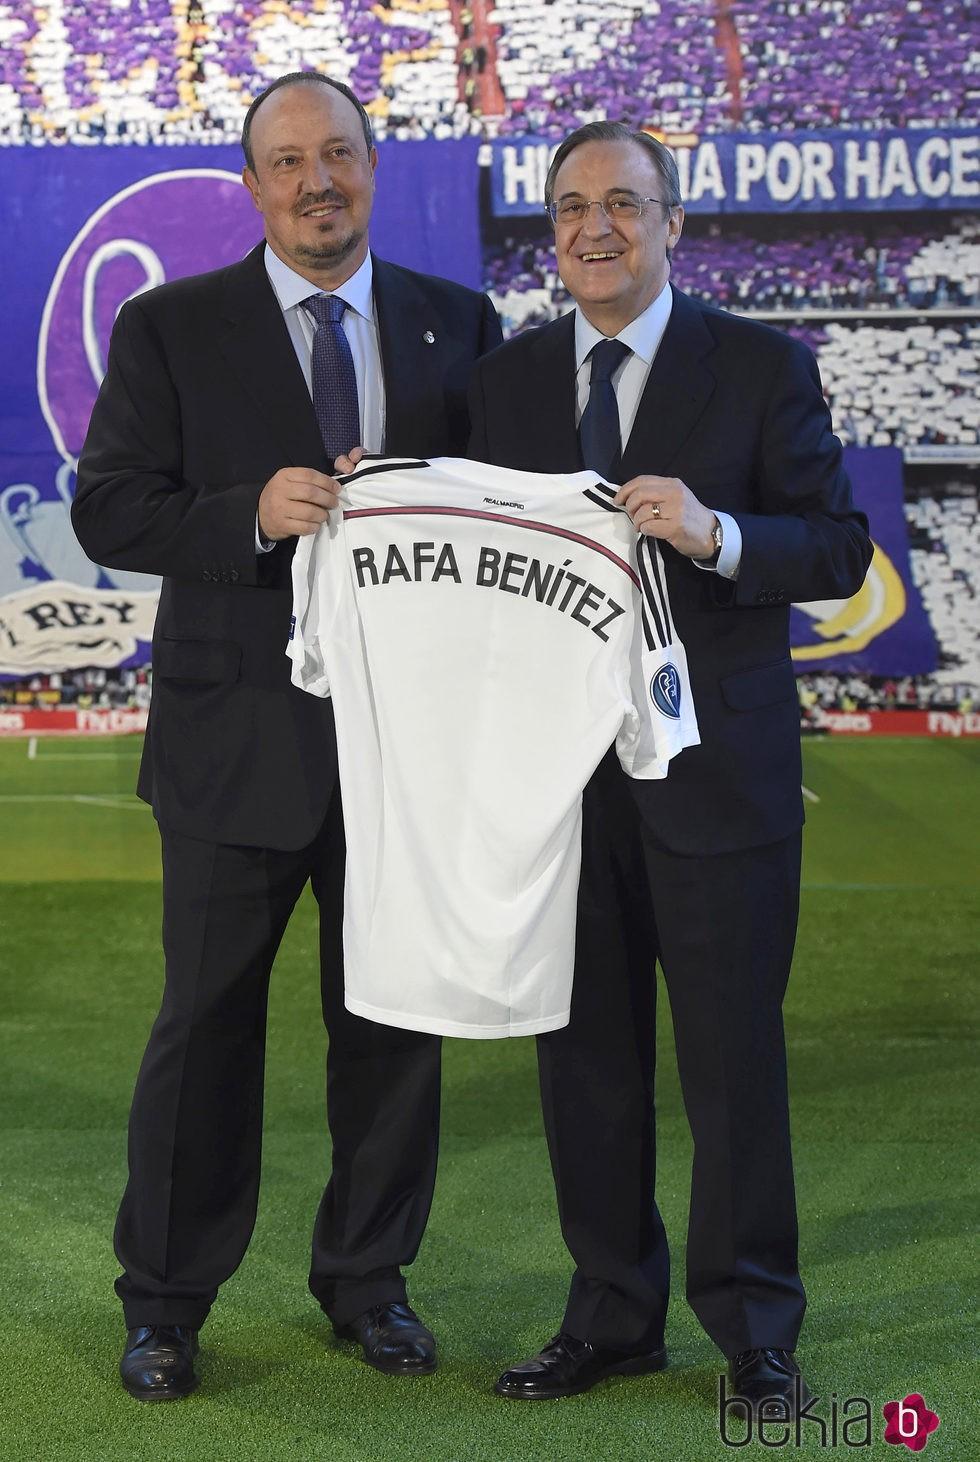 ¿Cuánto mide Florentino Pérez? - Altura - Real height 76251_rafa-benitez-florentino-perez-presentacion-entrenador-real-madrid